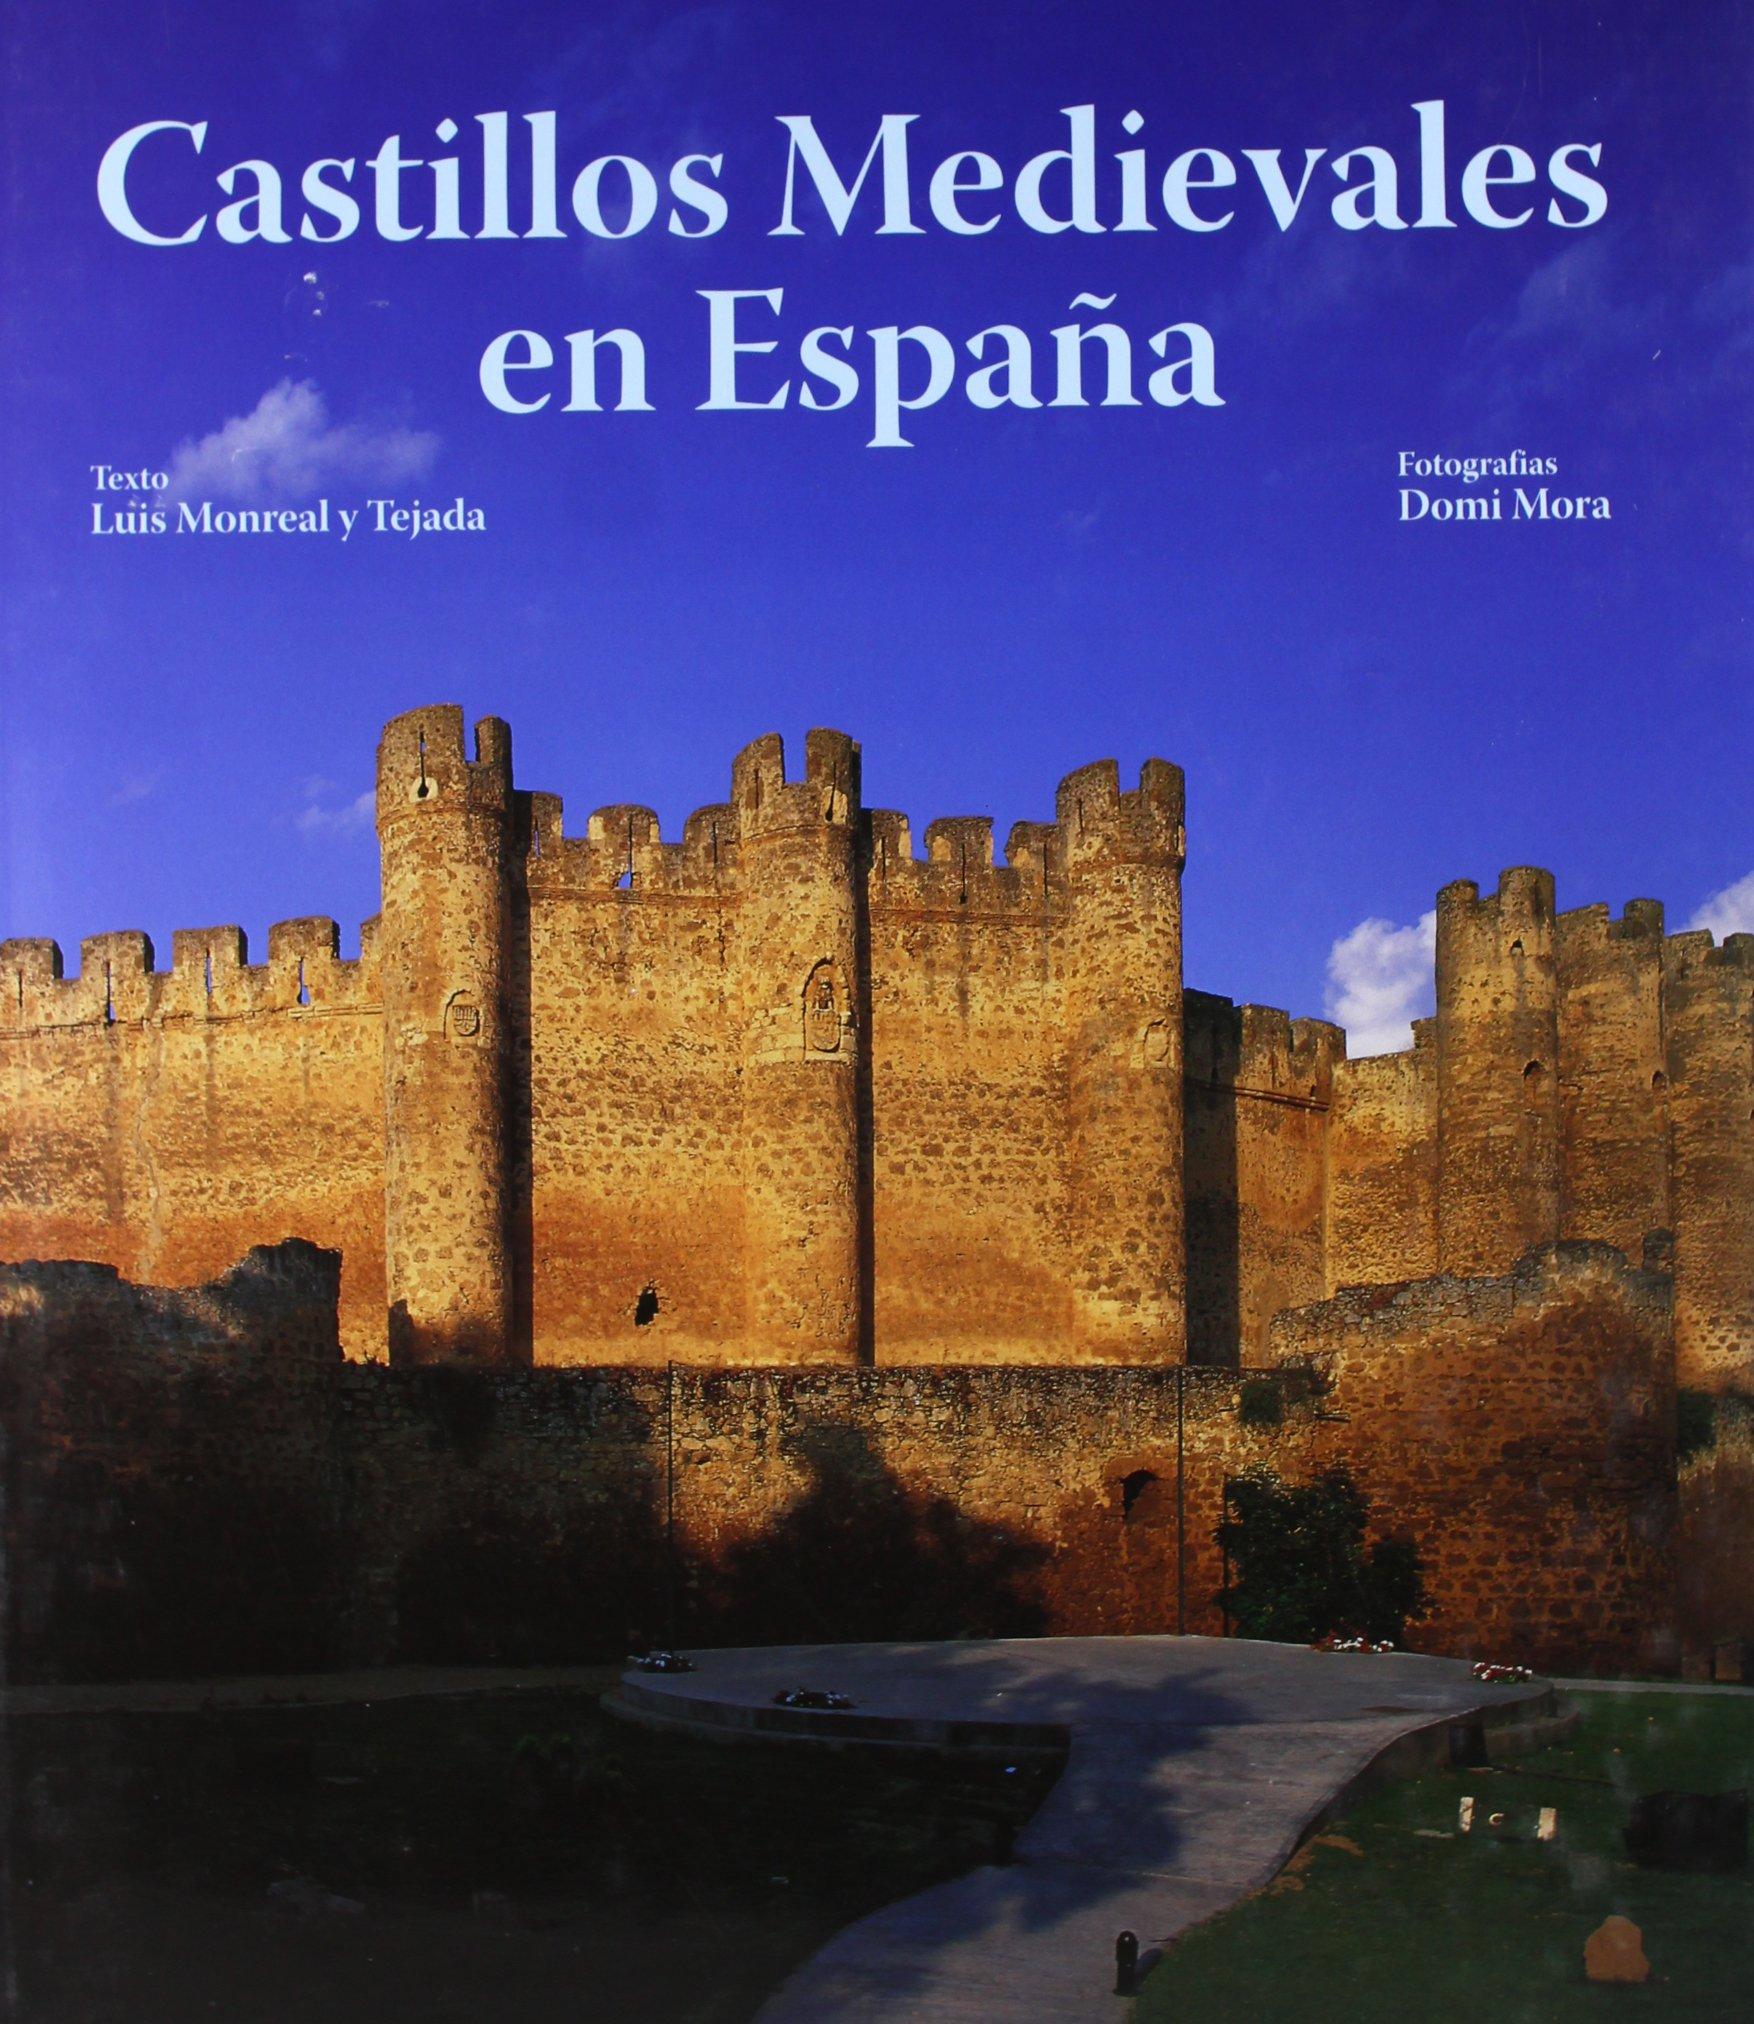 Castillos medievales en España: Amazon.es: Monreal / Tejada / Mora: Libros